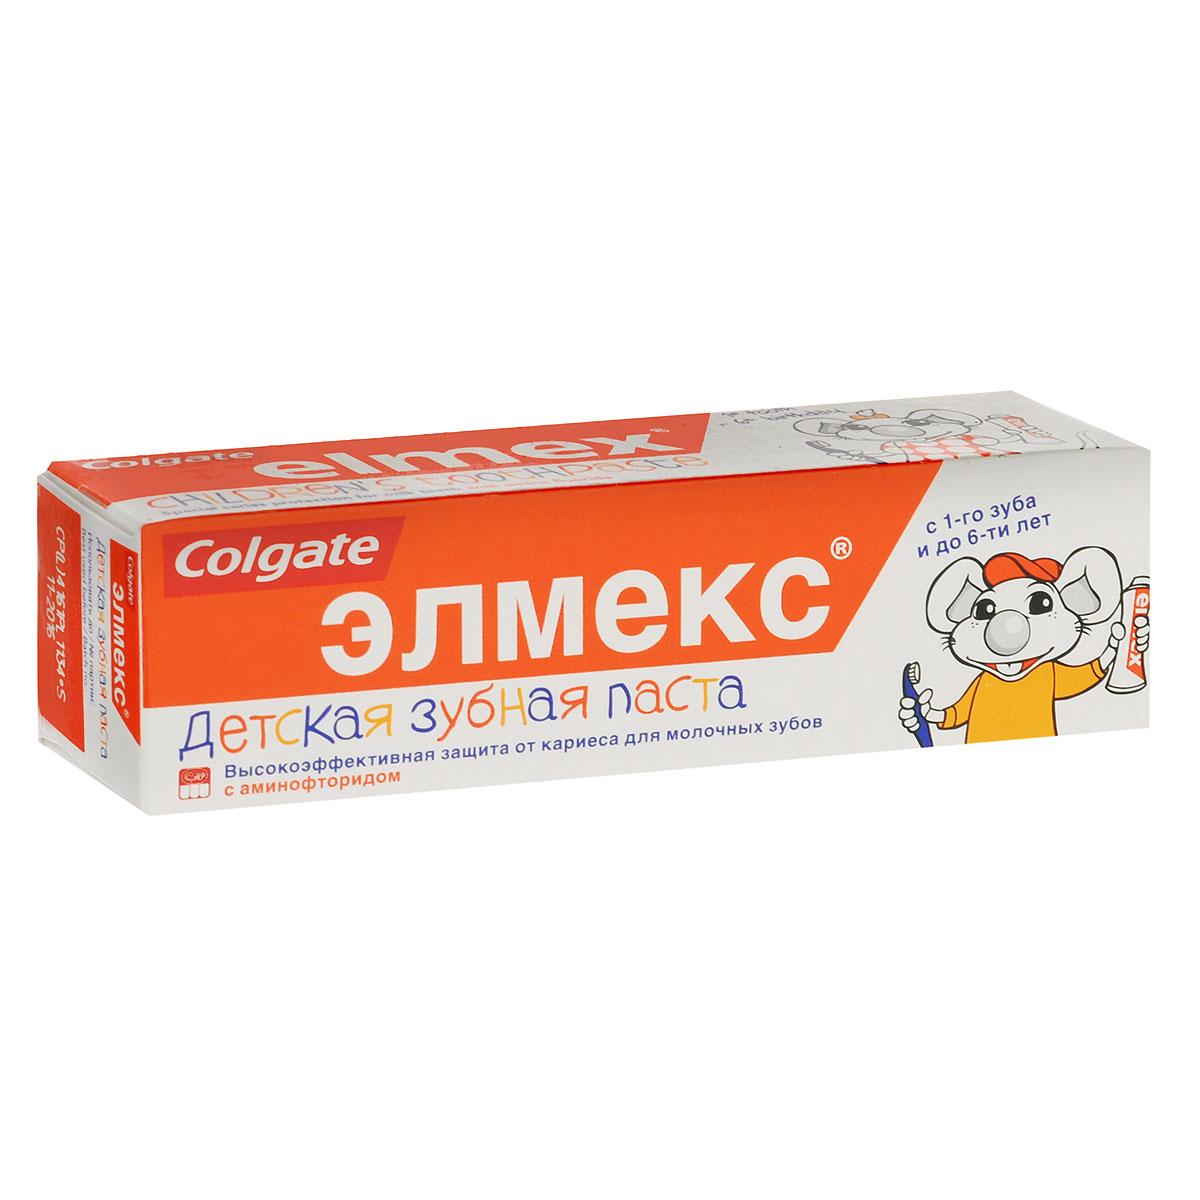 Colgate Детская зубная паста Элмекс, для молочных зубов, с аминофторидом, с 1-го зуба до 6 лет, 50 мл273891 / 282863Детская зубная паста Элмекс разработана для ежедневного ухода и защиты мягкой, не полностью сформировавшейся эмали молочных зубов. Обладает приятным, мягким, но не сладким вкусом, что не провоцирует ребенка к проглатыванию зубной пасты.Содержание аминофторида адаптировано к потребностям организма ребенка в возрасте до 6 лет.Товар сертифицирован.